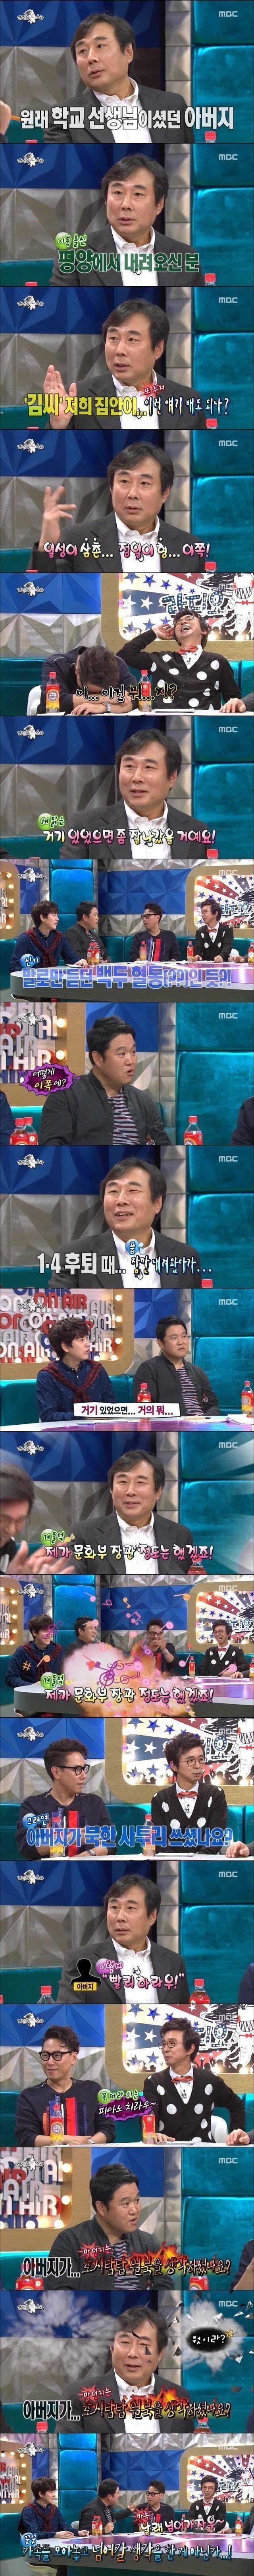 한국 최초 핵수저 피아니스트.jpg | 인스티즈